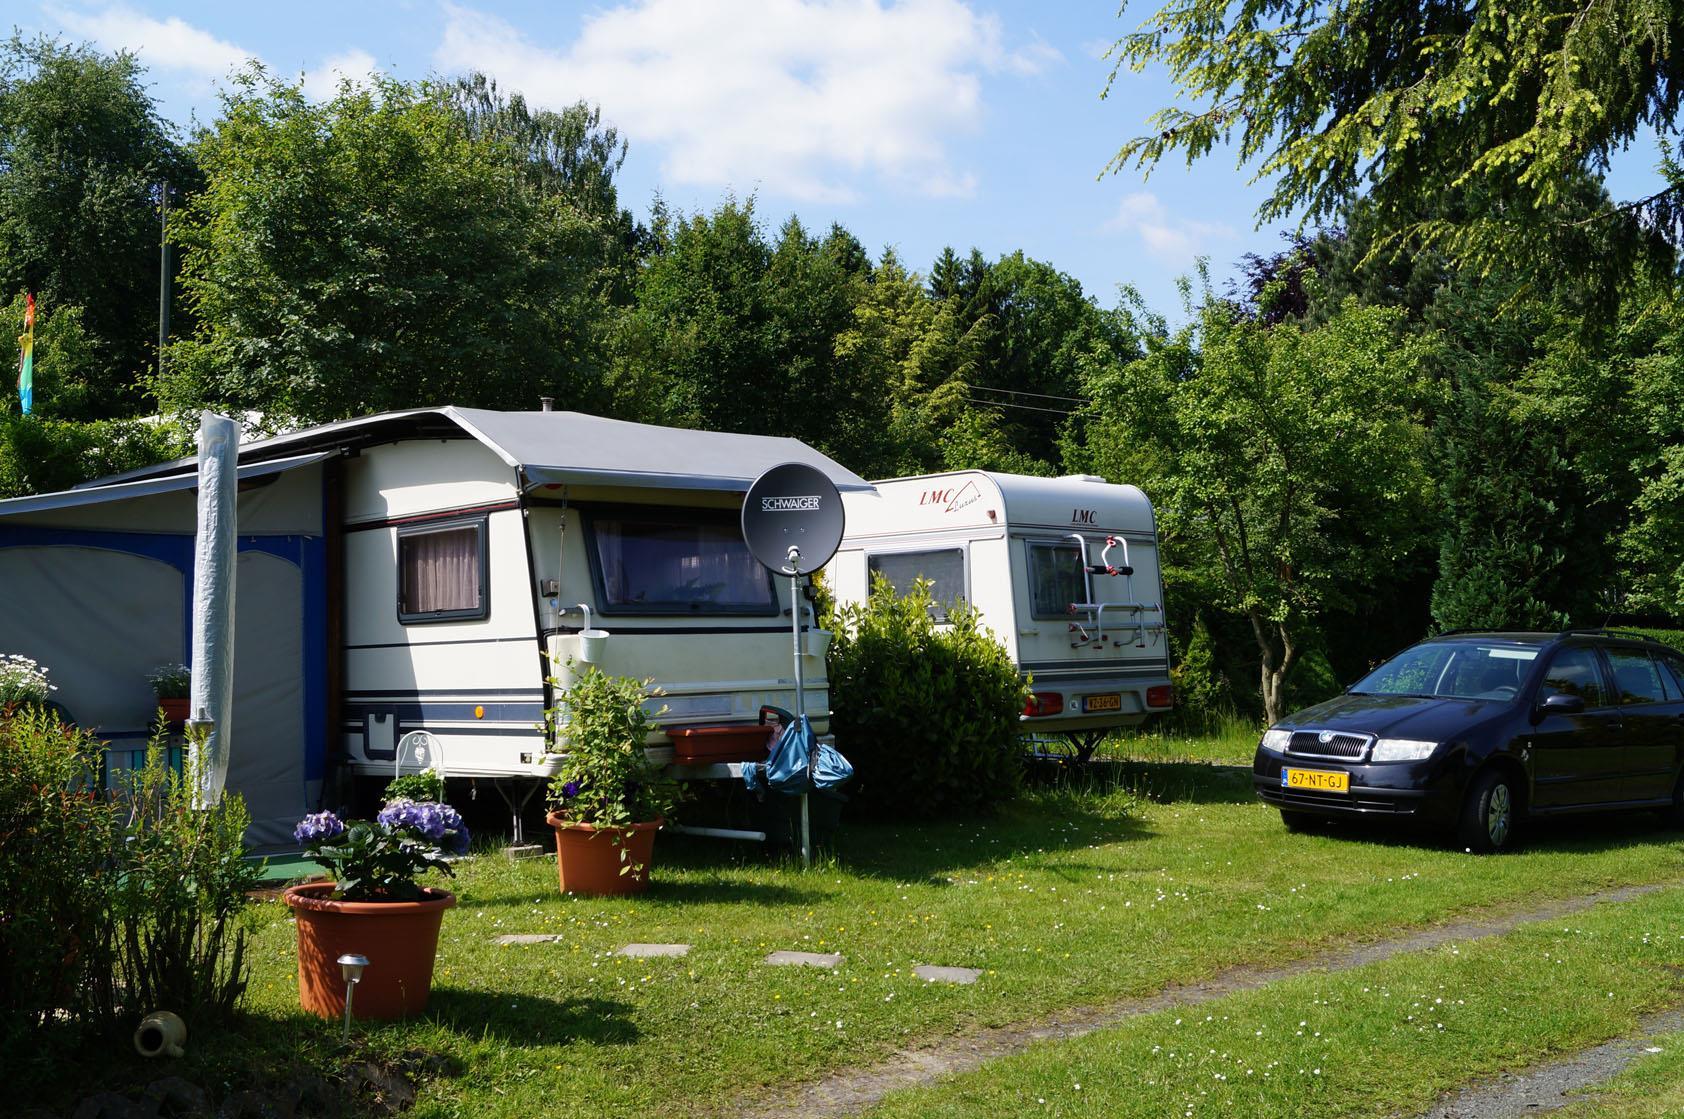 Stellplatz für Wohnwagen oder großes Zelt inkl. Pkw